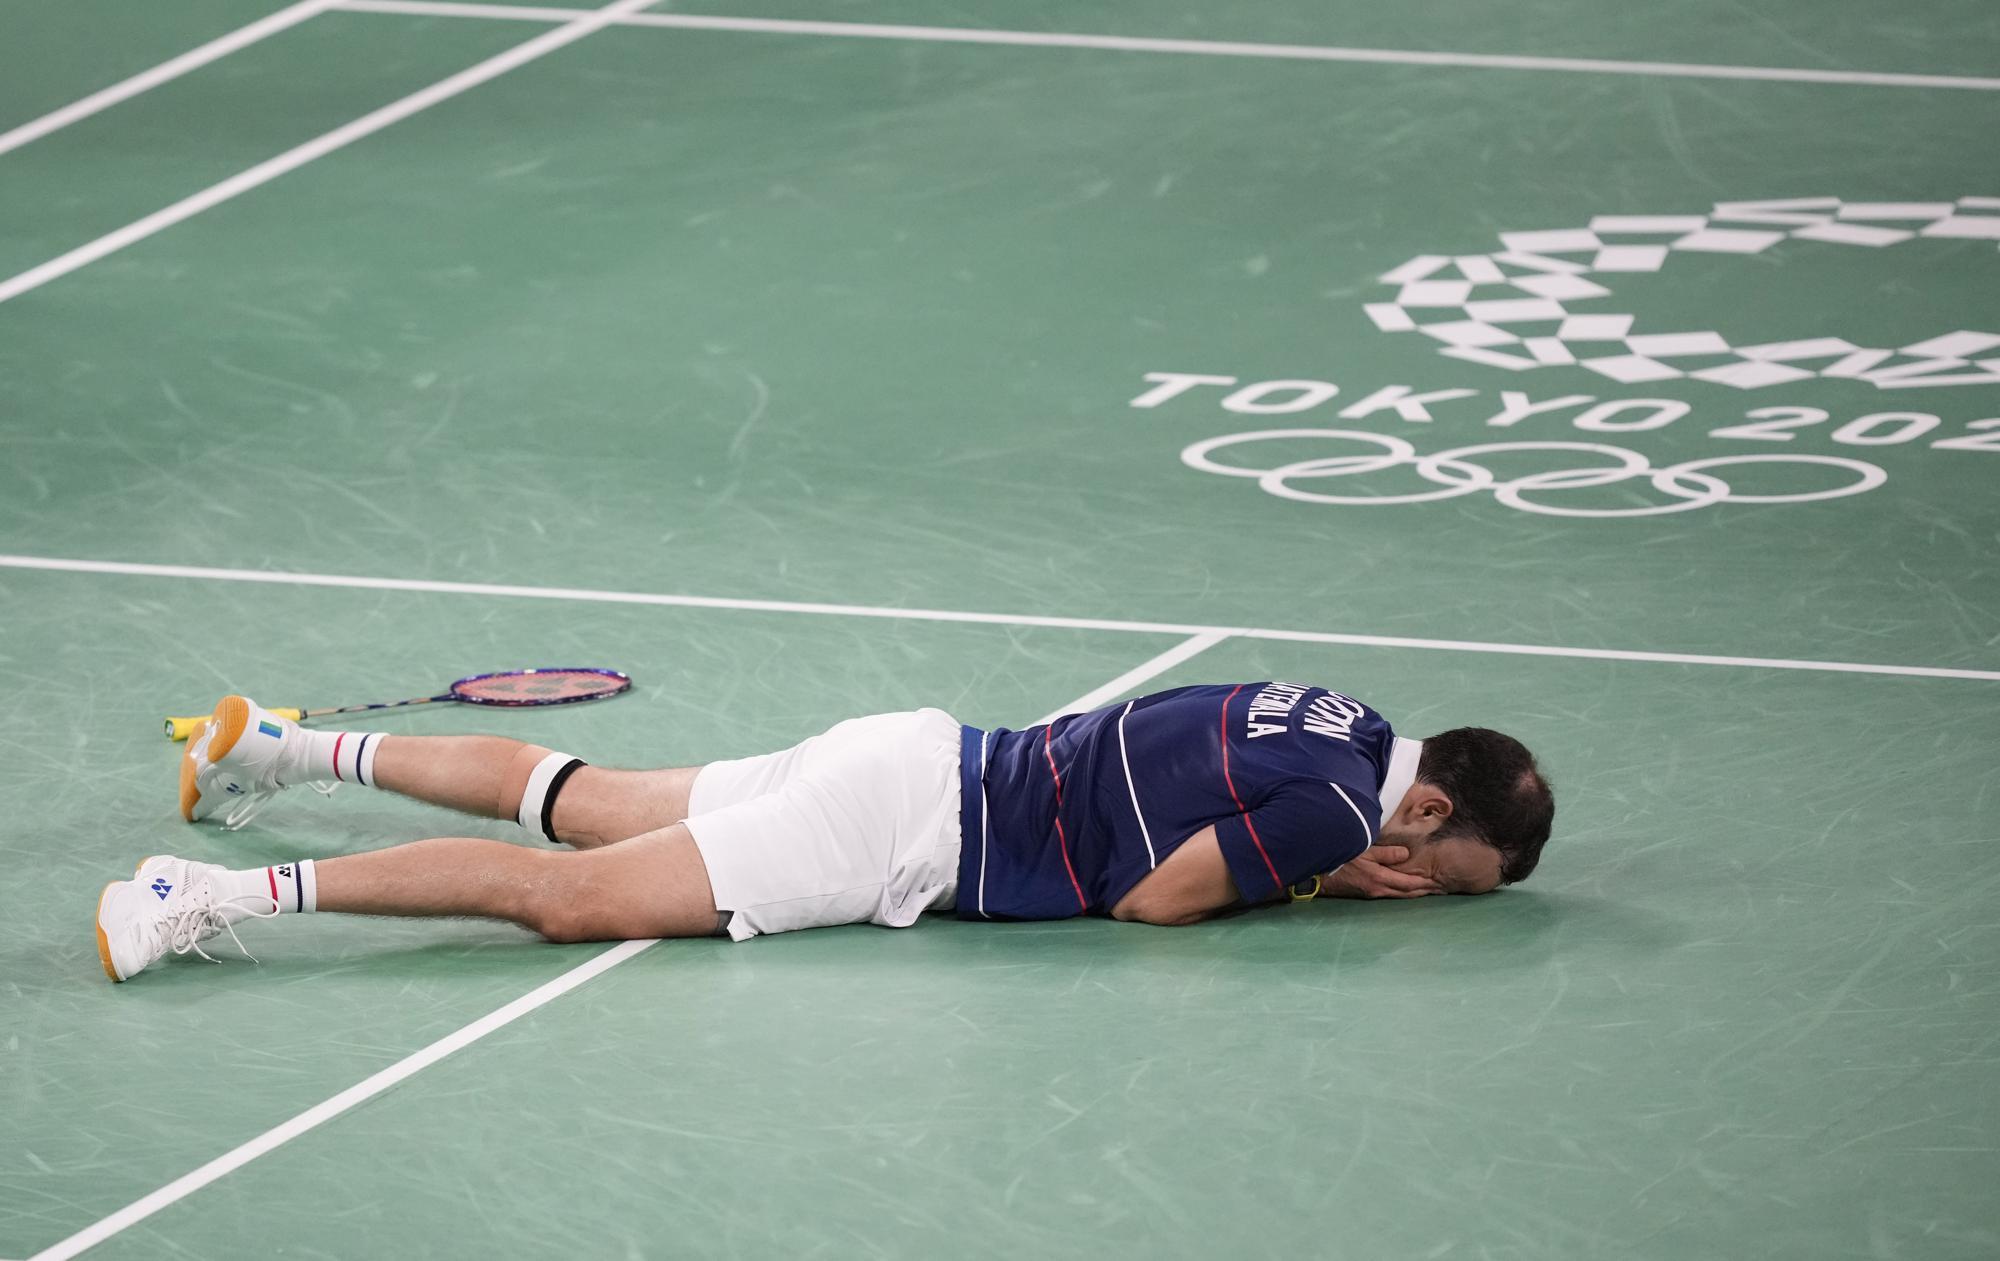 """Những hình ảnh """"trào nước mắt"""" của người chiến thắng, kẻ chiến bại tại Olympic Tokyo 2020 - Ảnh 7."""